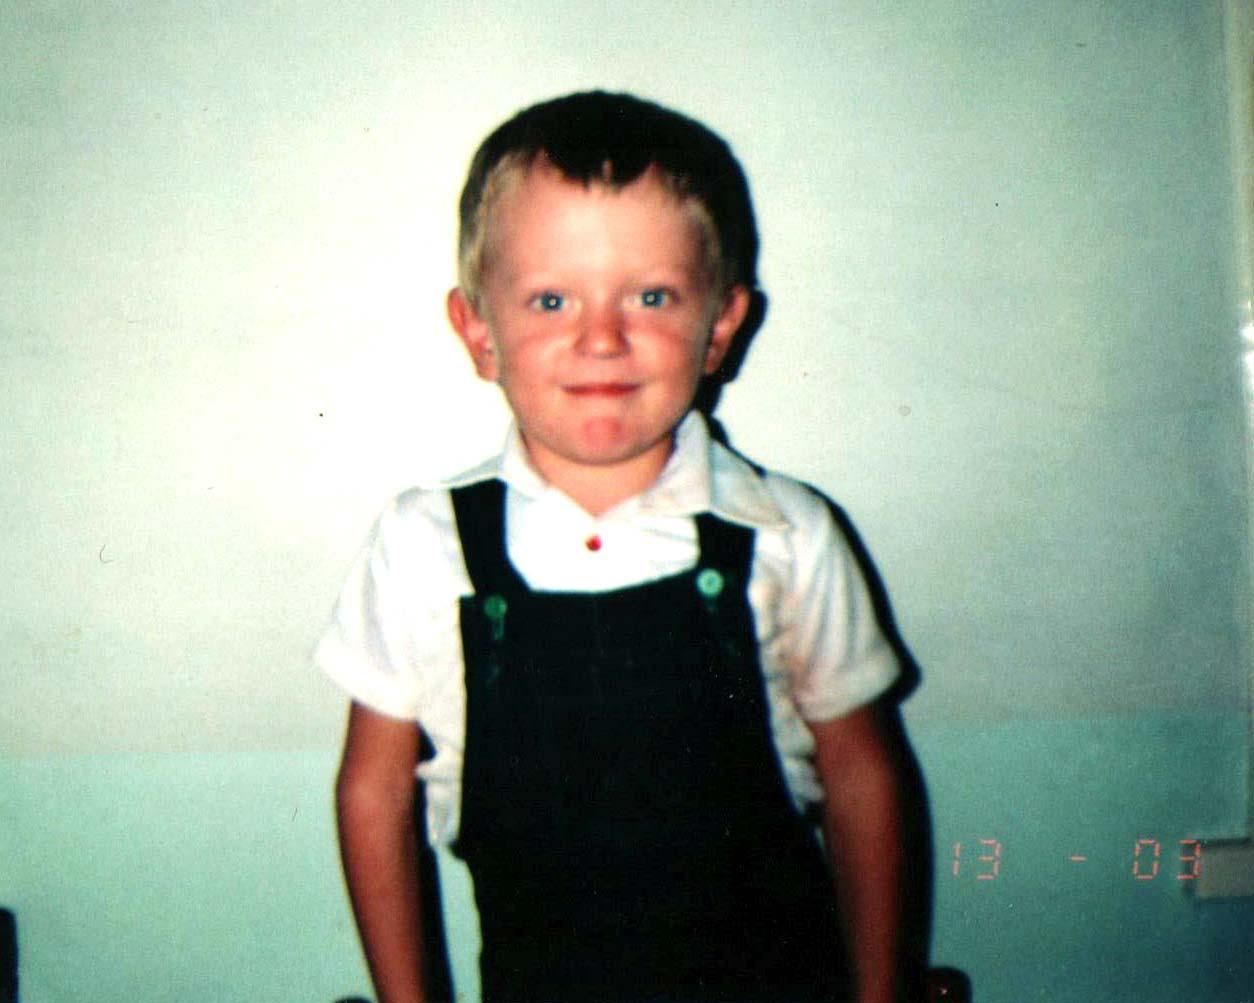 Cornelius Quiring youngest photo